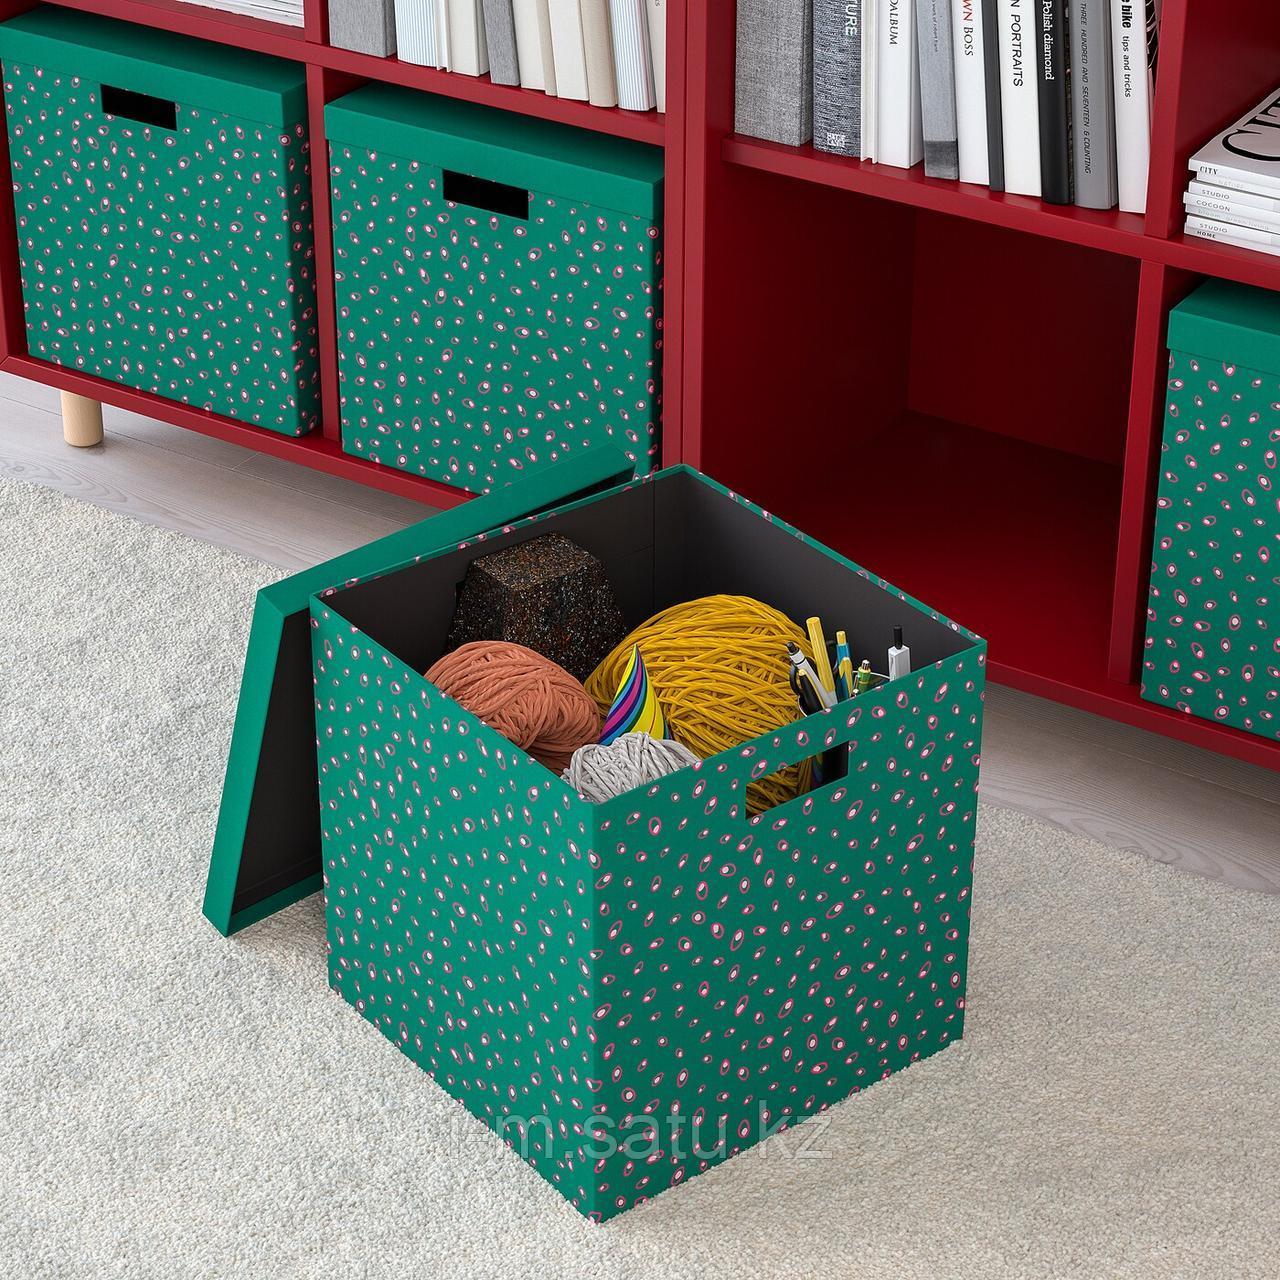 ТЬЕНА Коробка с крышкой, зеленый точечный, зеленый точечный 30x30x30 см